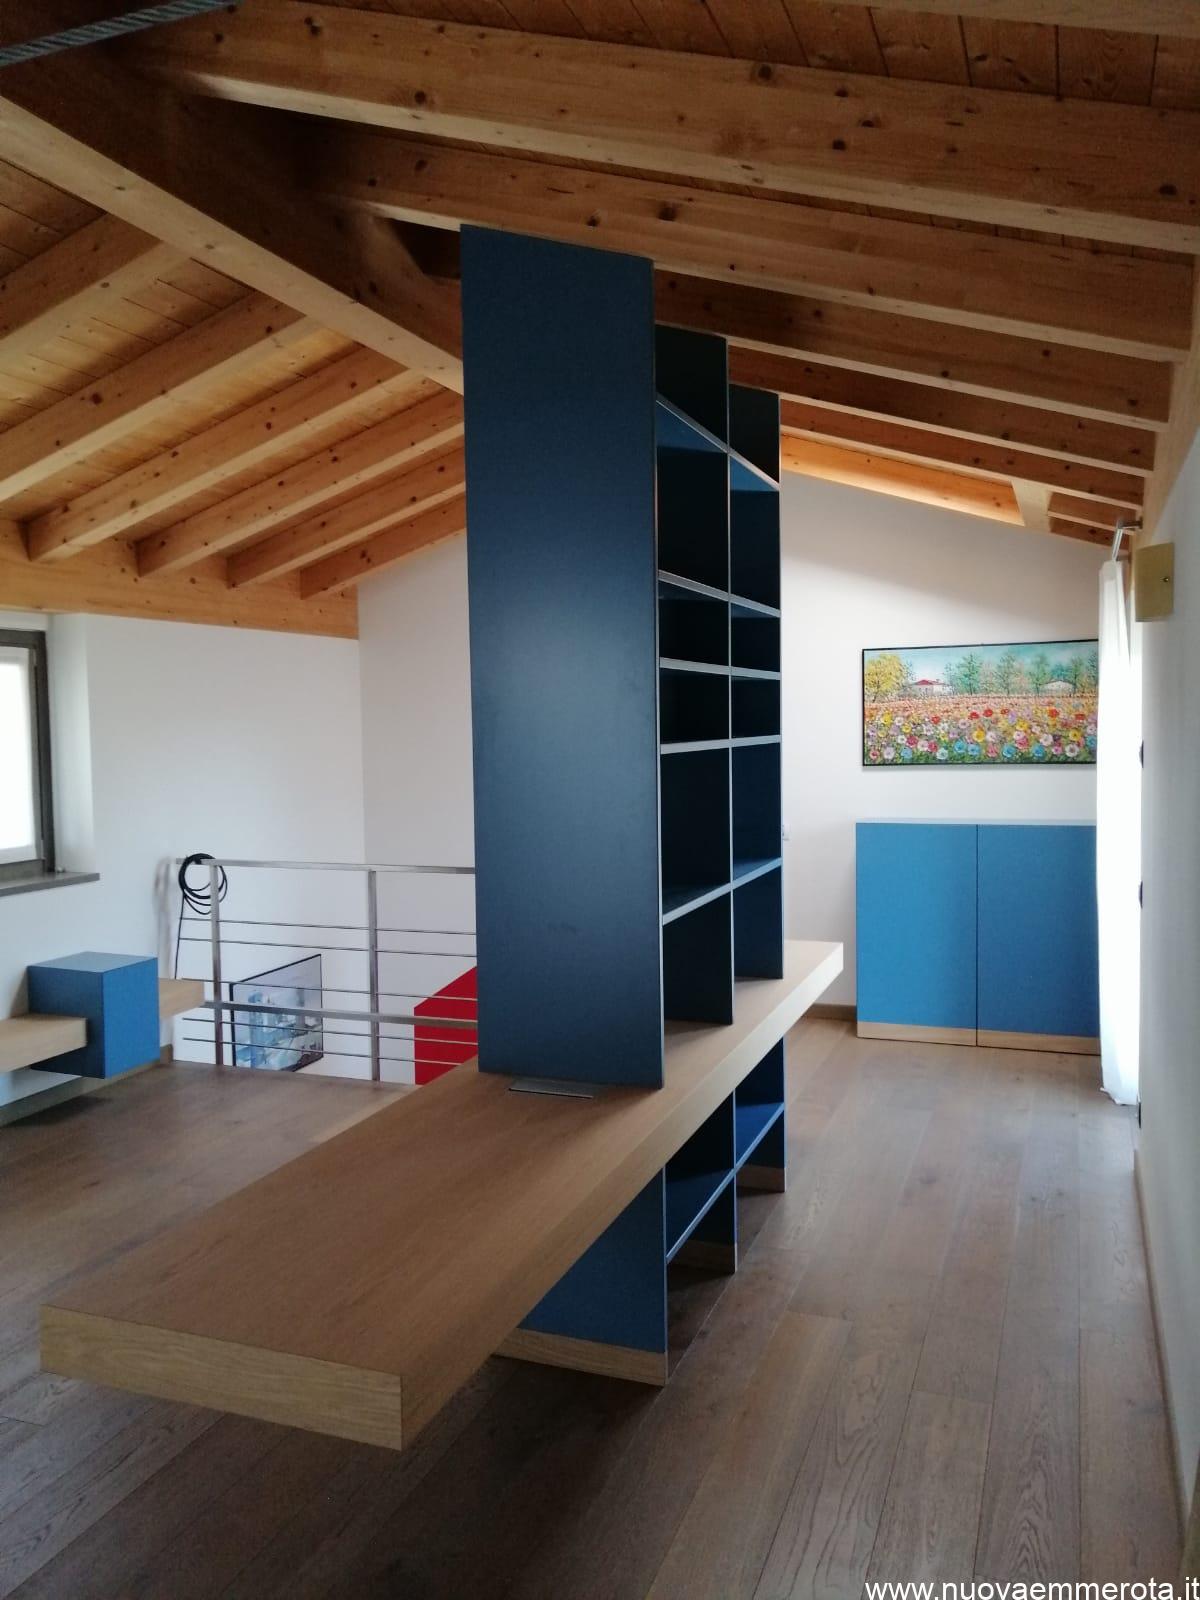 Libreria con parti a giorno e parti chiuse, top in legno massello di rovere v